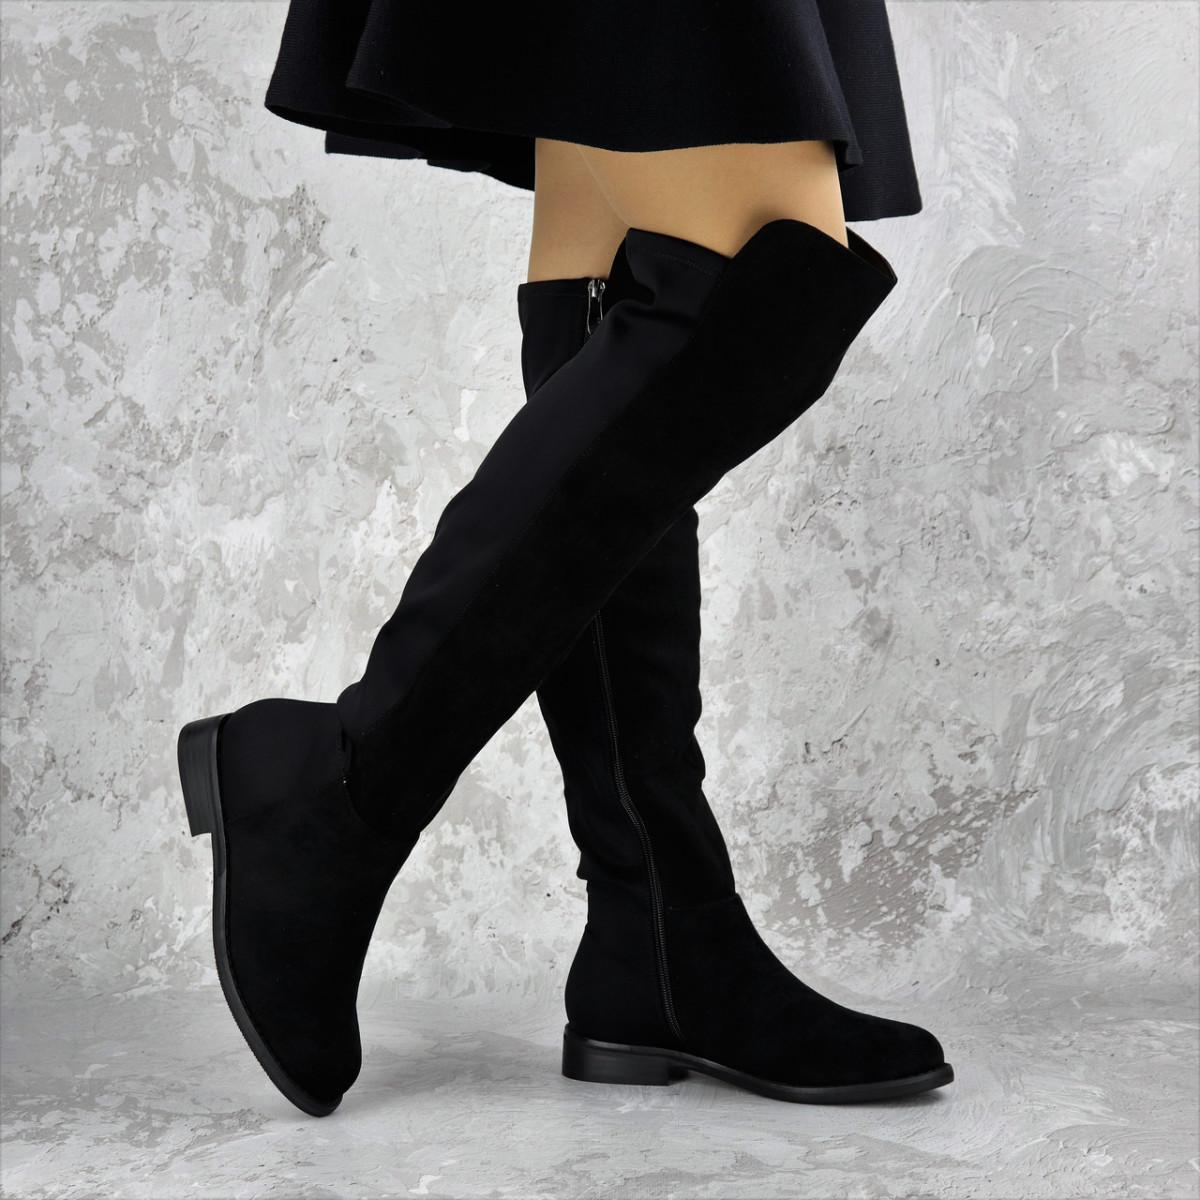 Женские ботфорты Fashion Cliff 1449 37 размер 24 см Черный